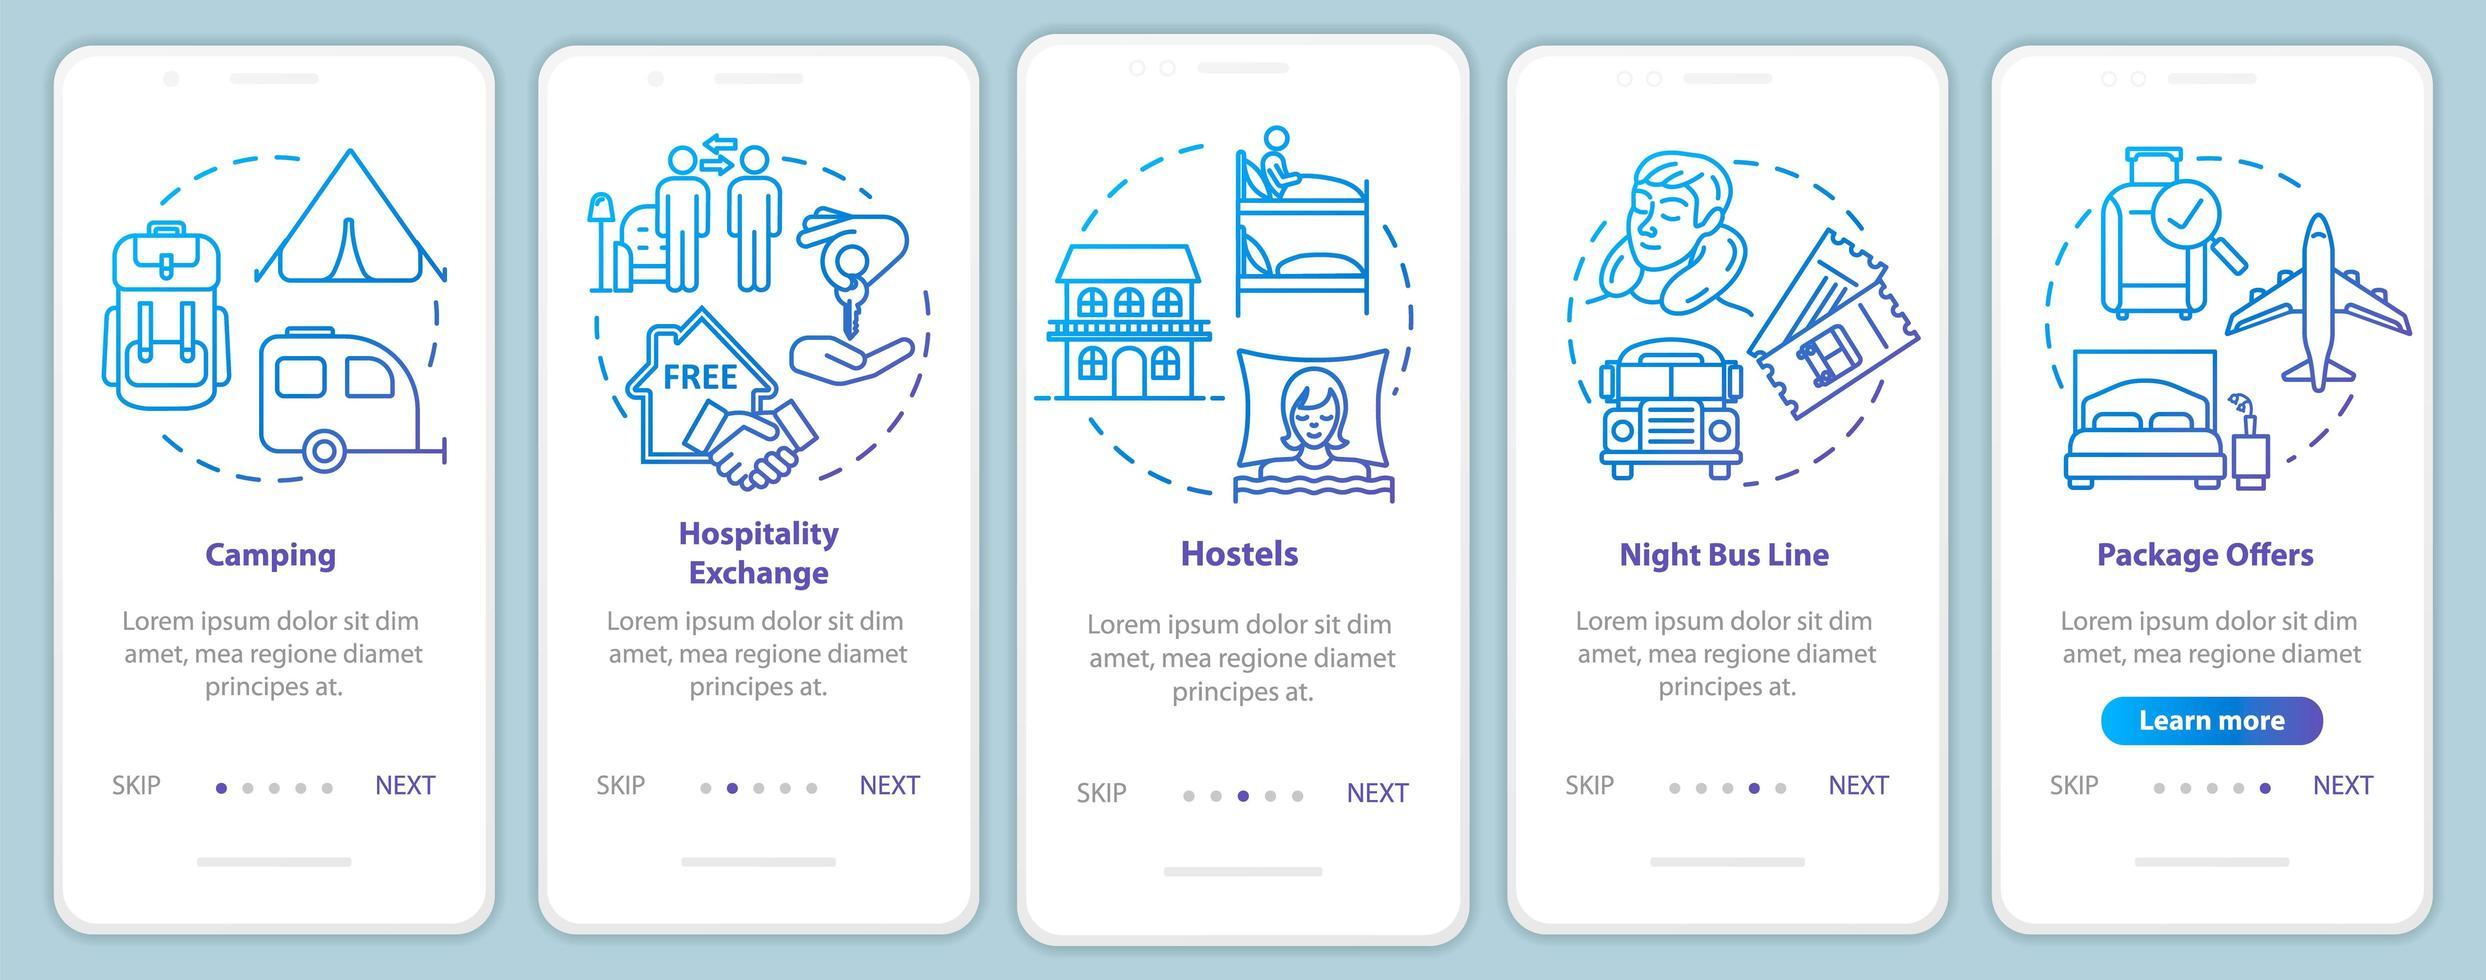 écran de page de l'application mobile d'intégration de nuit avec des concepts. vecteur